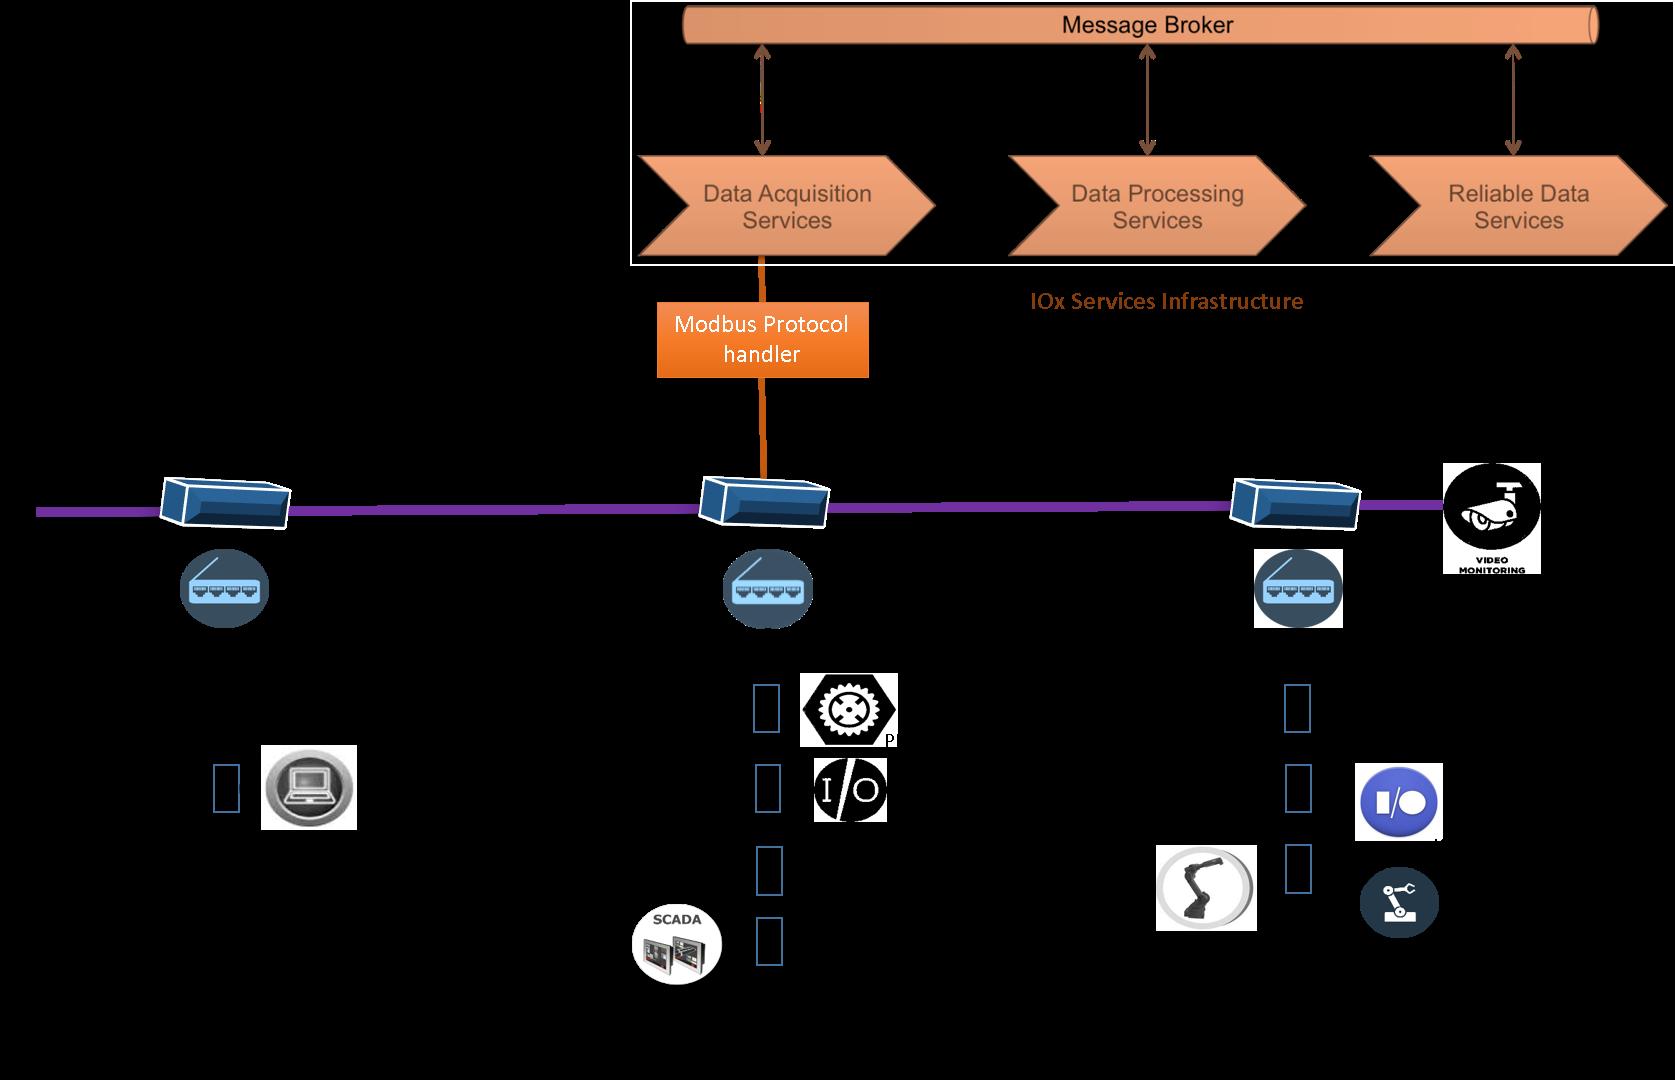 Modbus - iox-docs - Document - Cisco DevNet